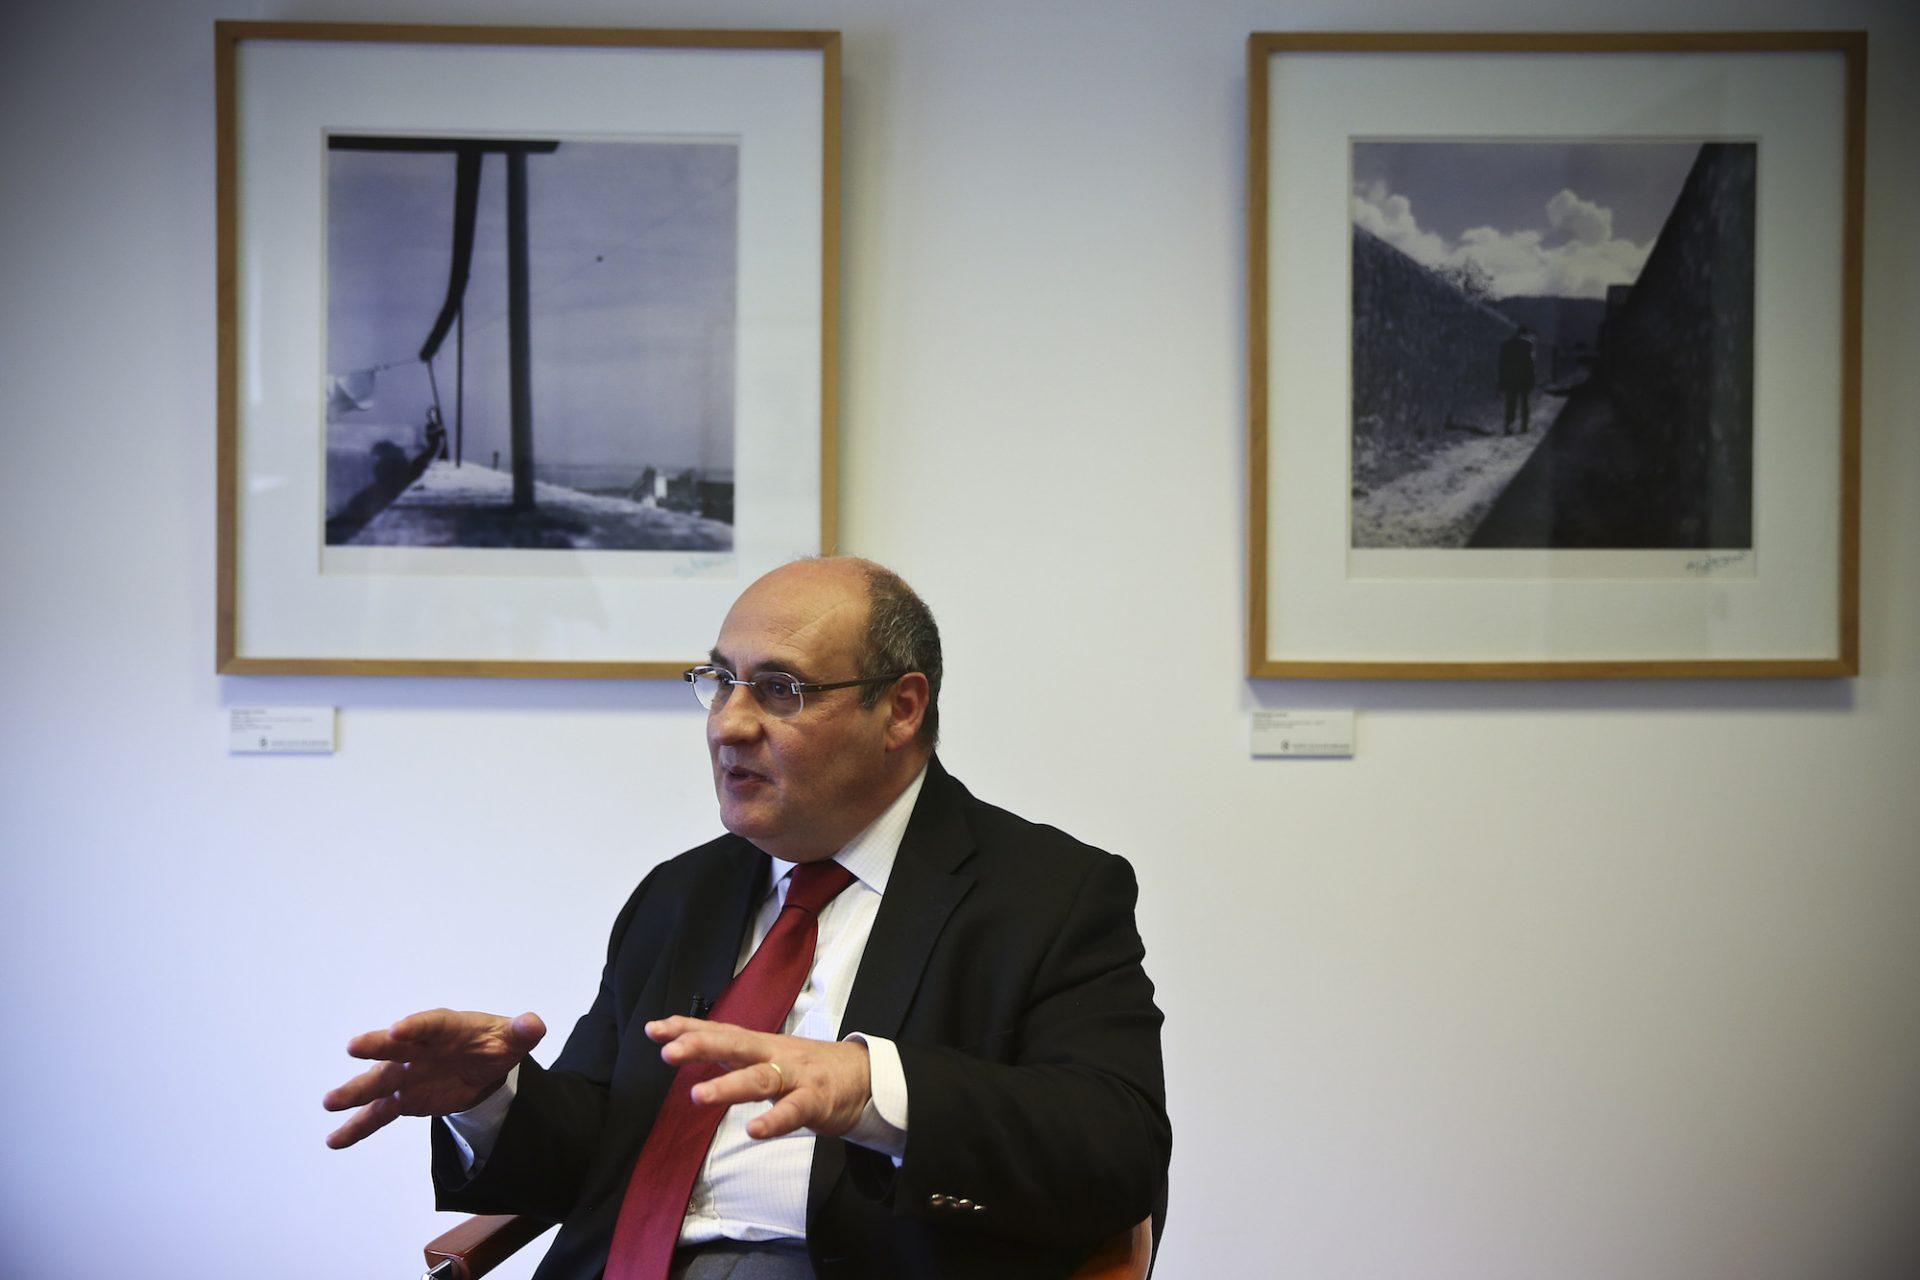 """O antigo comissário europeu para os Assuntos Internos e Justiça, António Vitorino, considera um """"sinal positivo"""" a decisão dos líderes europeus de triplicarem o orçamento da missão para patrulhamento no Mediterrâneo, mas considera-a """"uma meia resposta"""", Lisboa, 24 de abril de 2015. ANDRÉ KOSTERS/LUSA"""